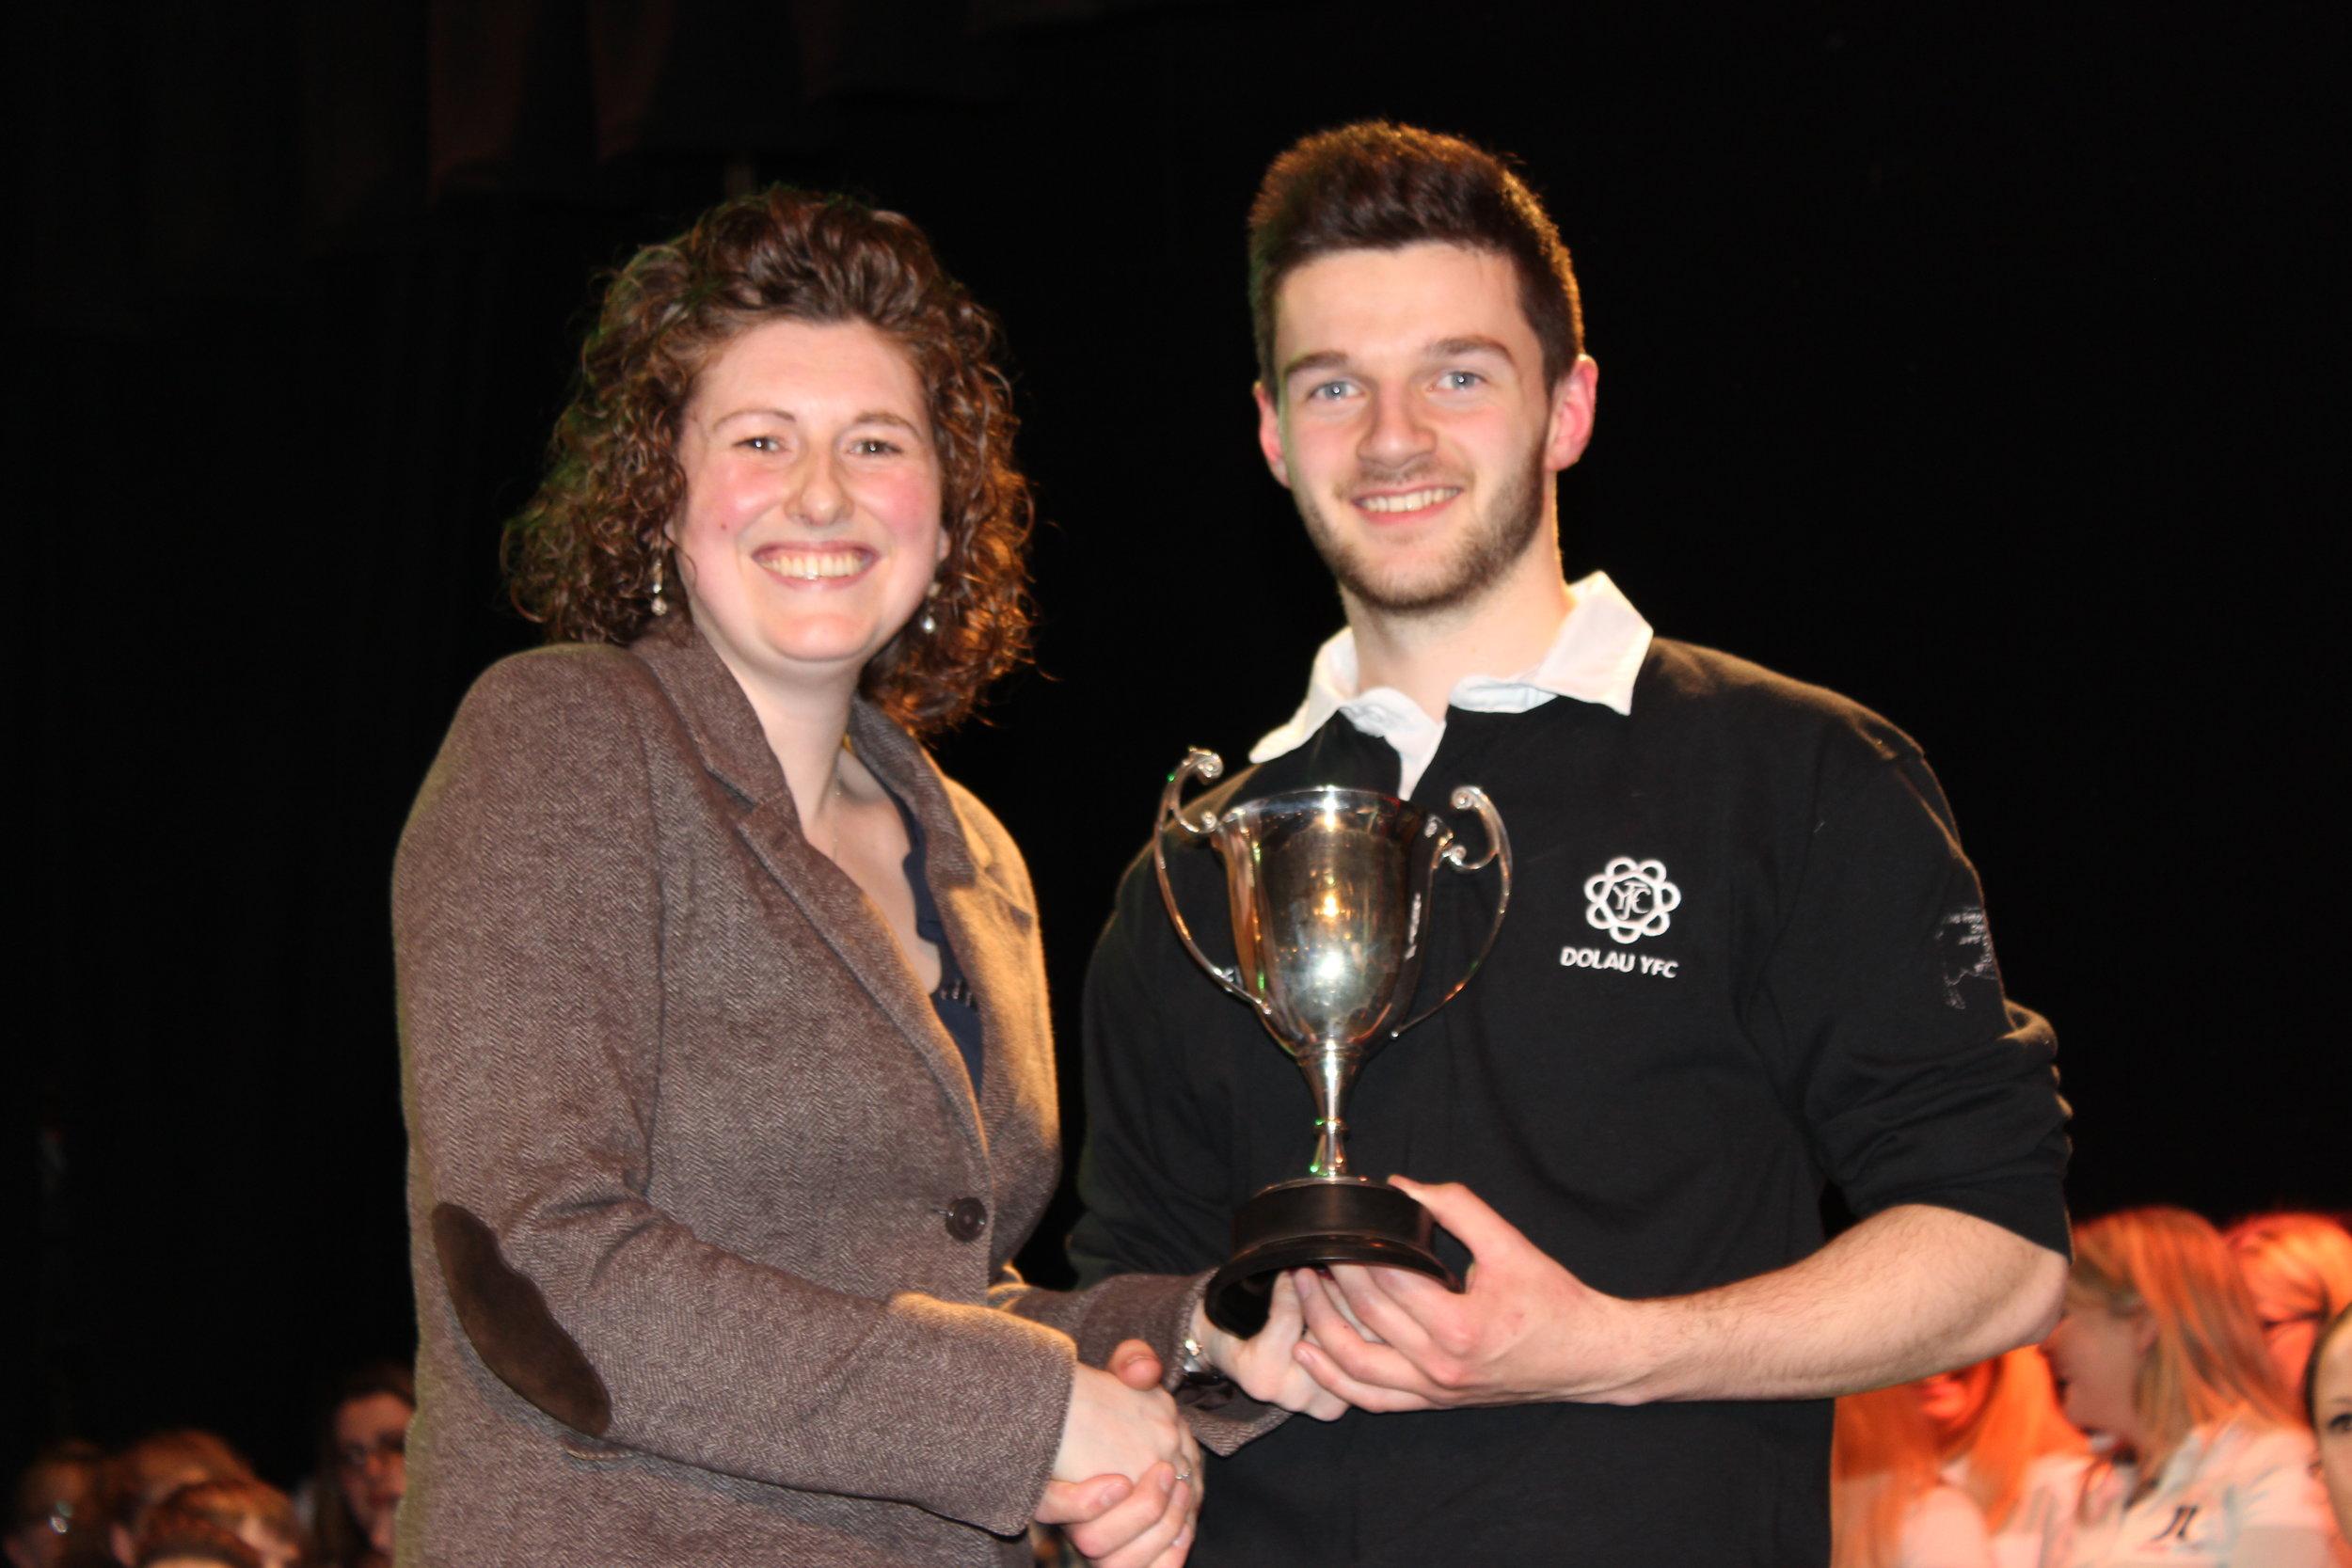 Elliot Watkins, Dolau YFC - Watson Cup for Best Musician.